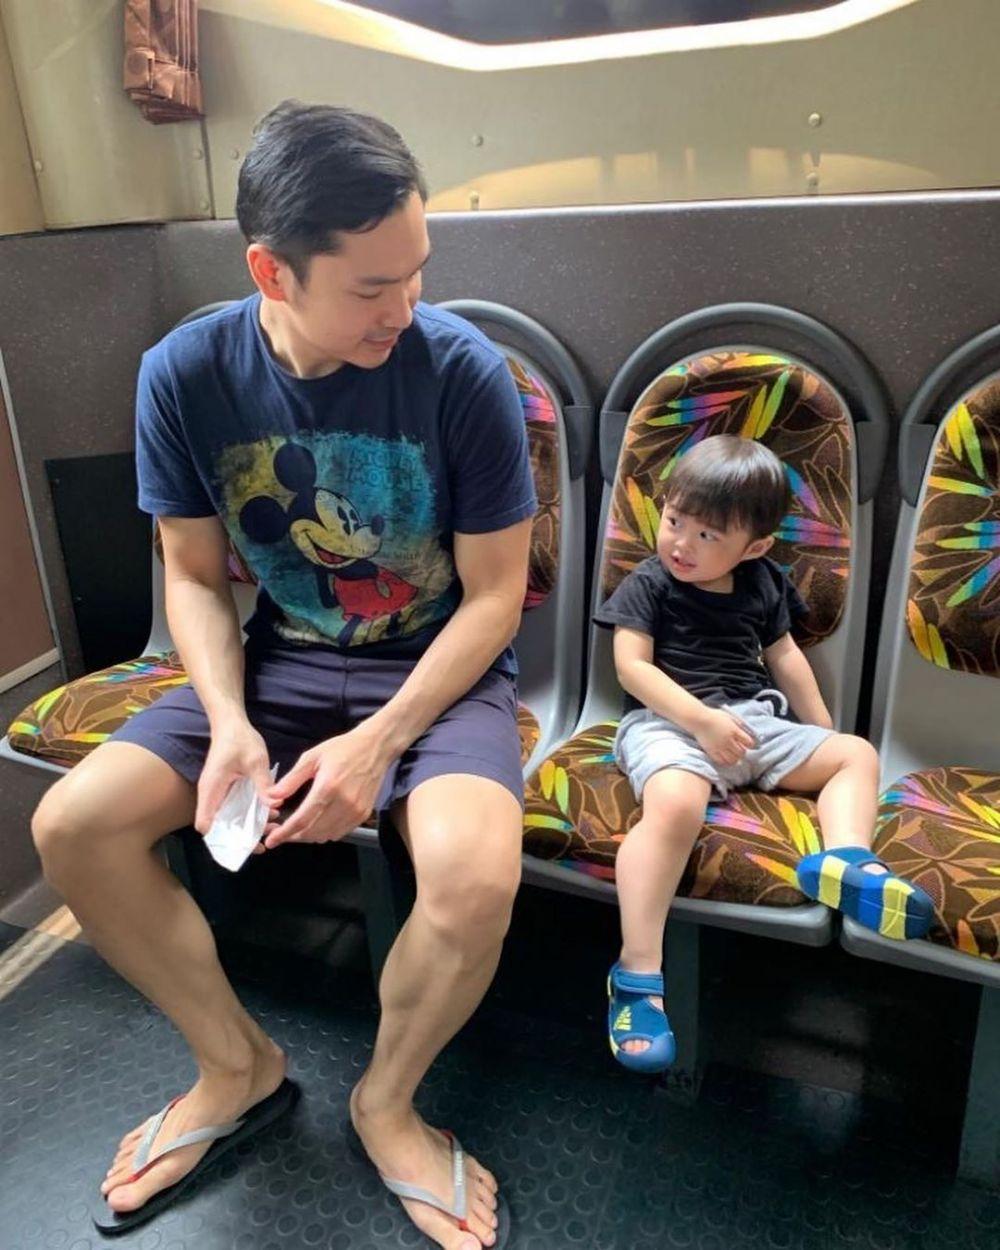 raphael moeis naik bus Instagram